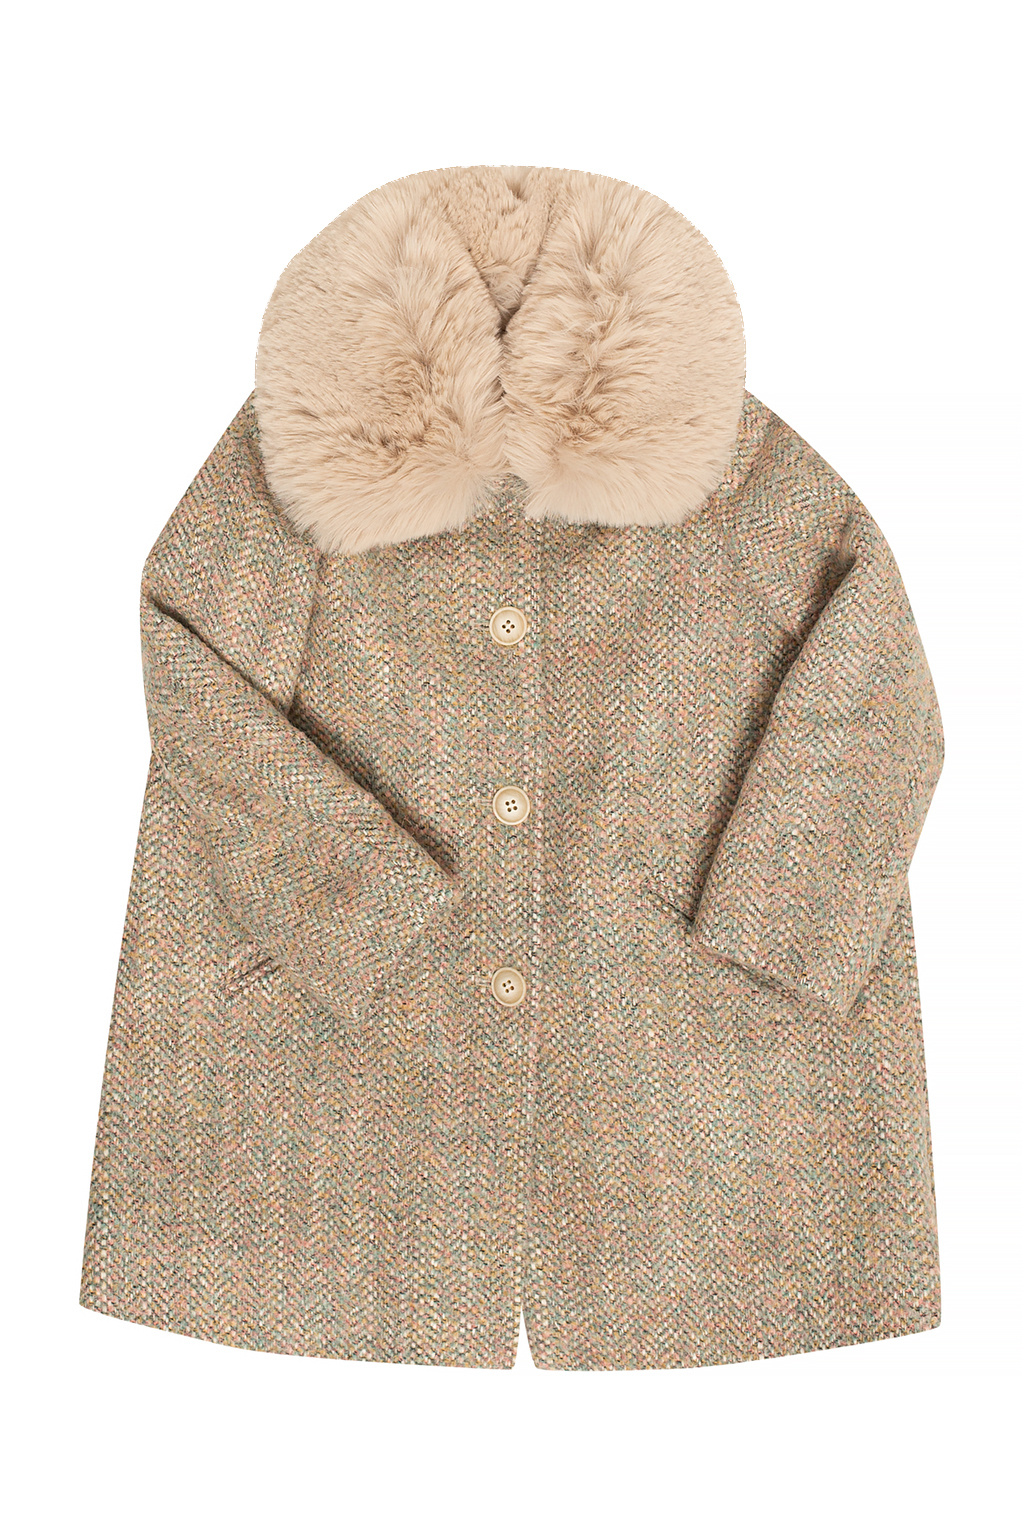 Bonpoint  Coat with pockets